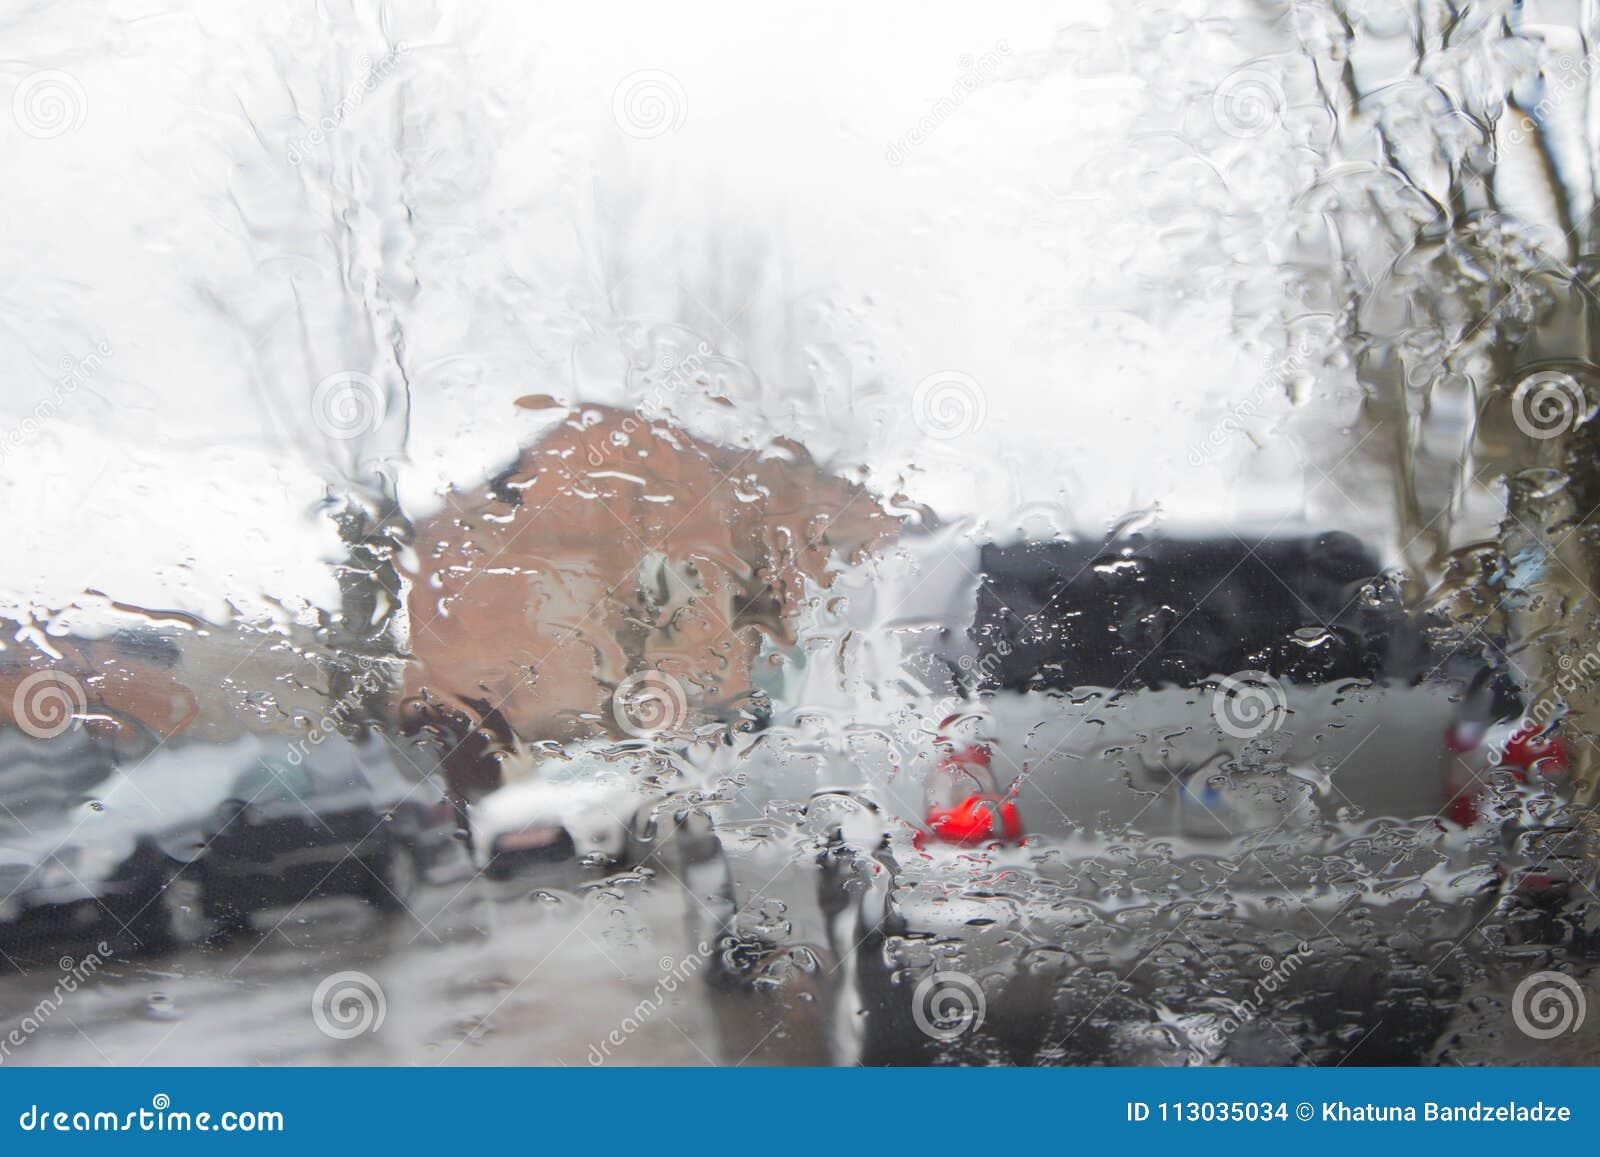 La silueta borrosa del coche vista a través del agua cae en el parabrisas del coche Días lluviosos